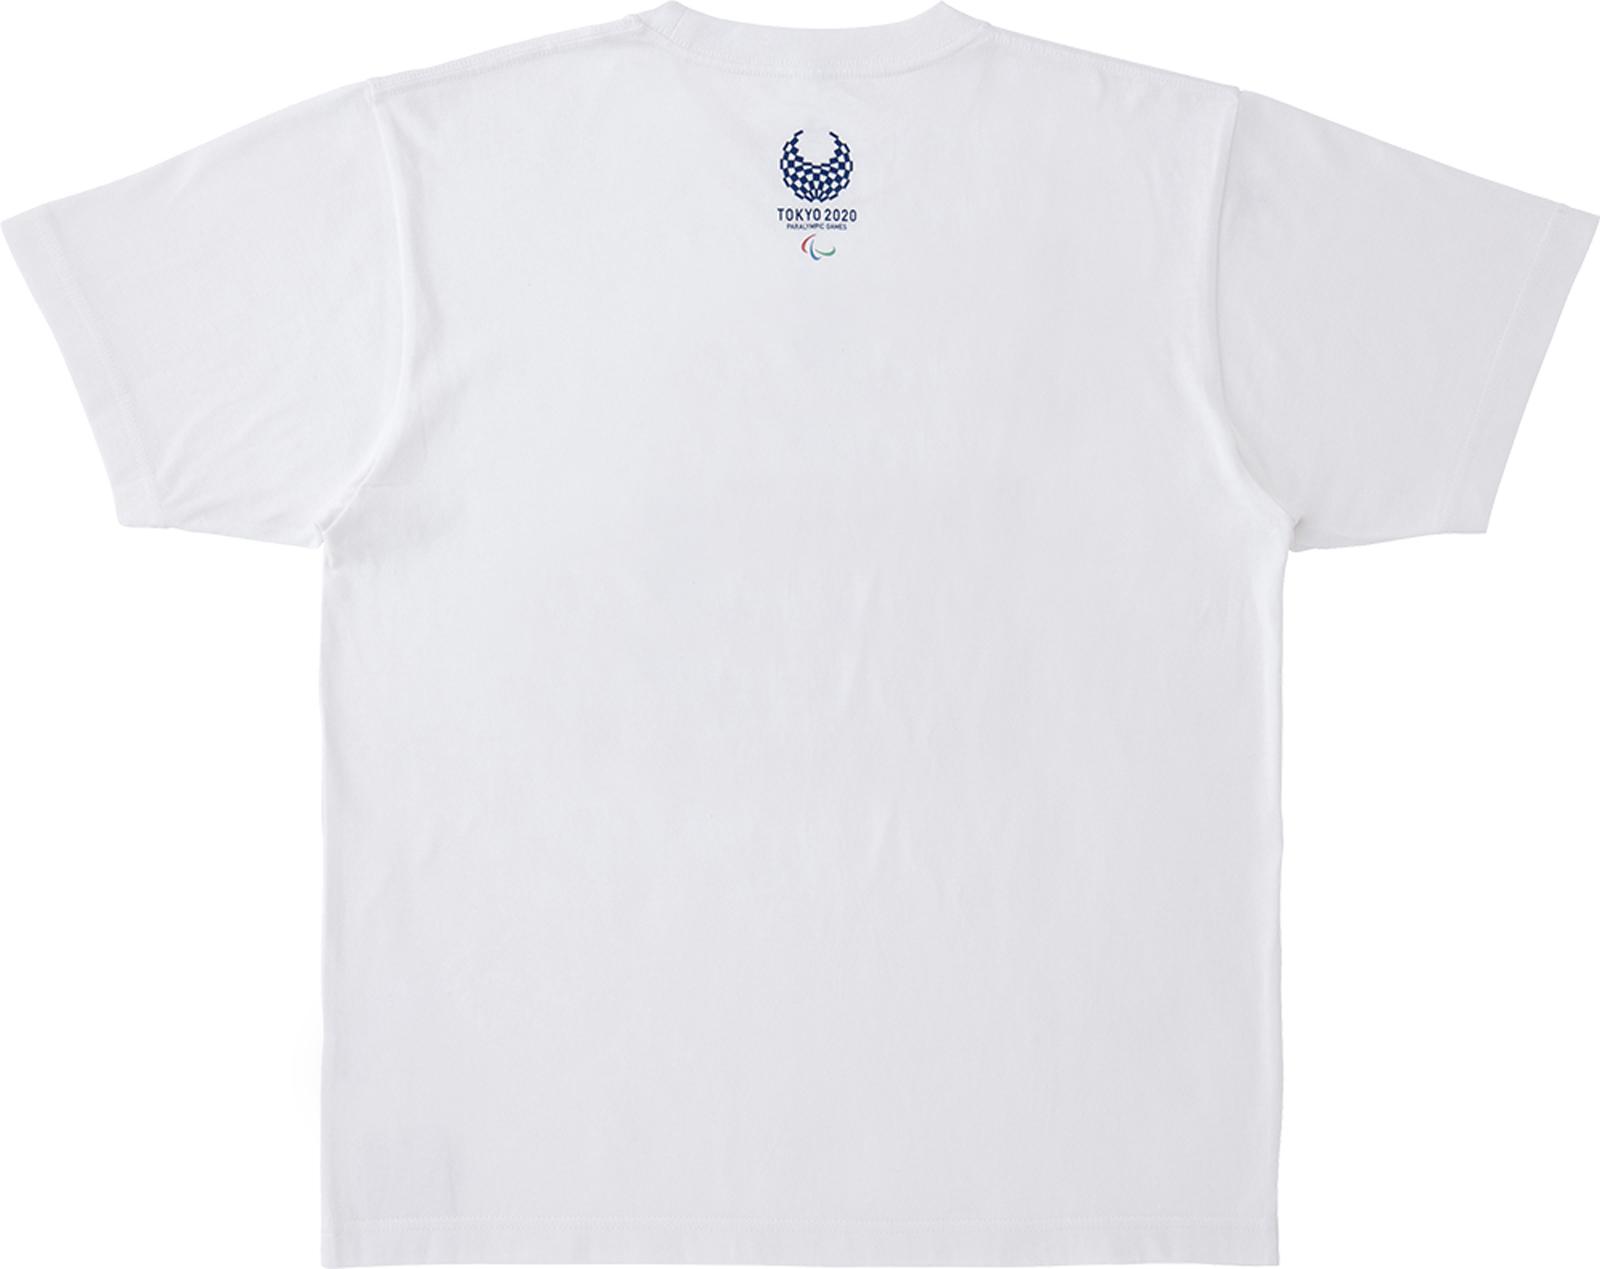 Tシャツ射撃(東京2020パラリンピックスポーツピクトグラム)